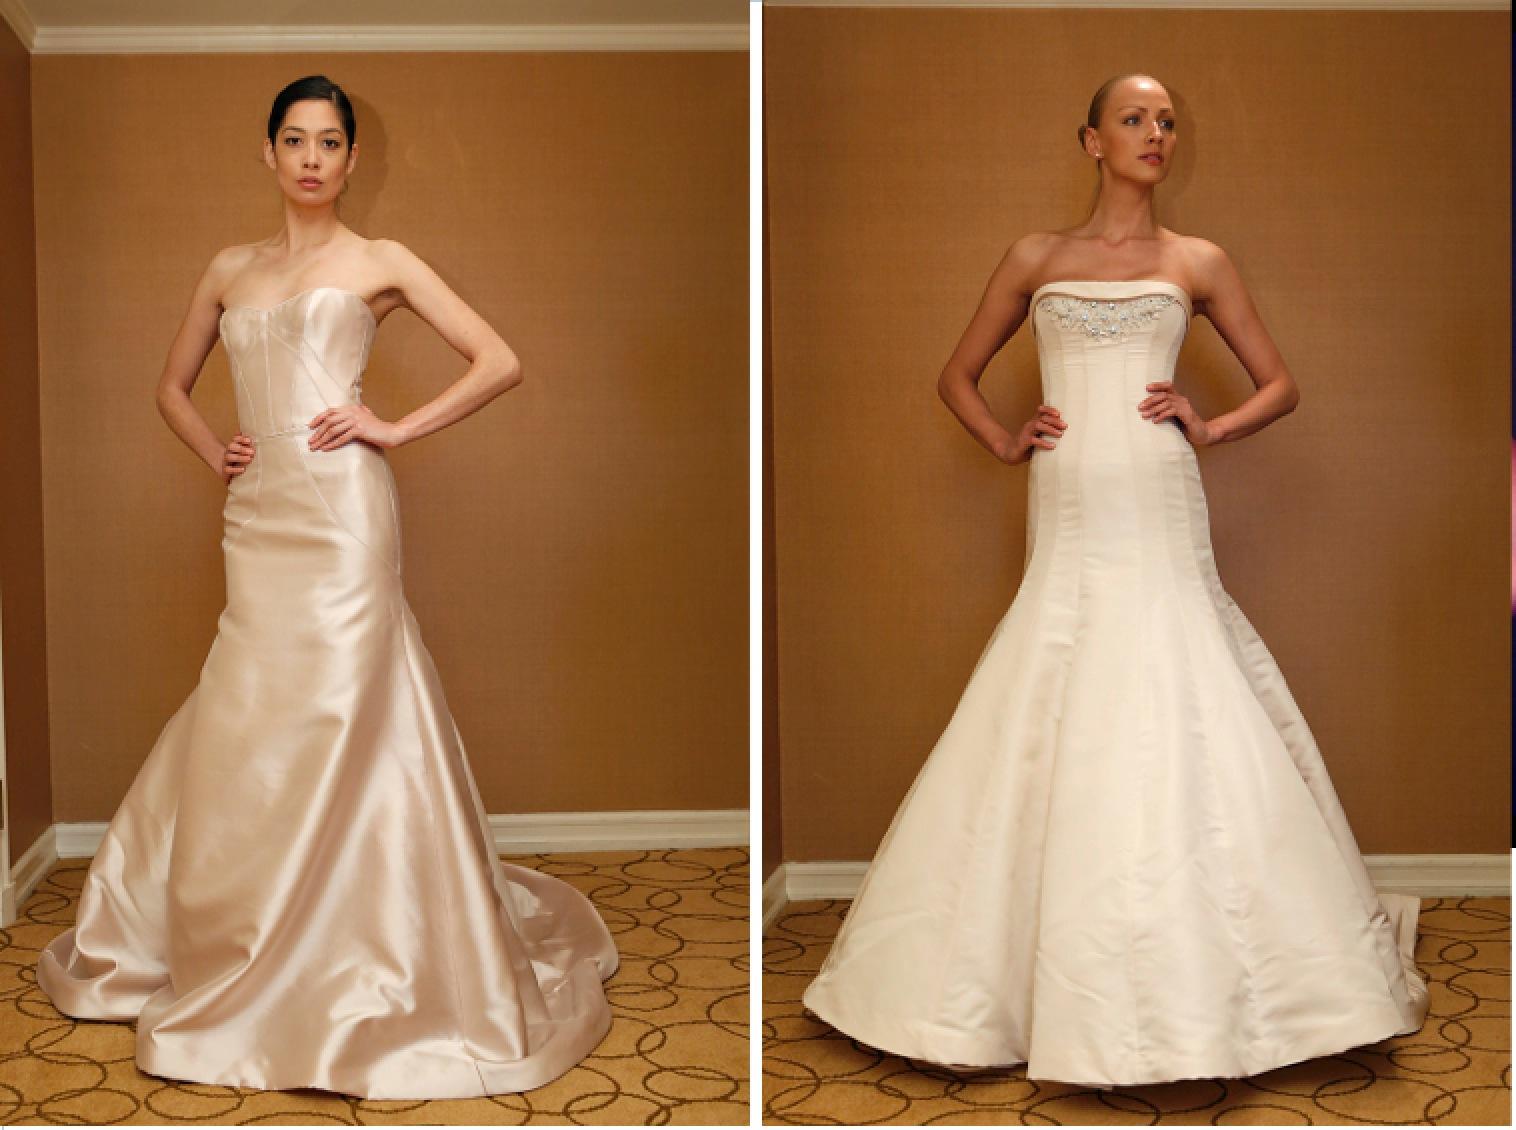 Wedding Dresses, Mermaid Wedding Dresses, Fashion, Modern Weddings, Austin scarlett